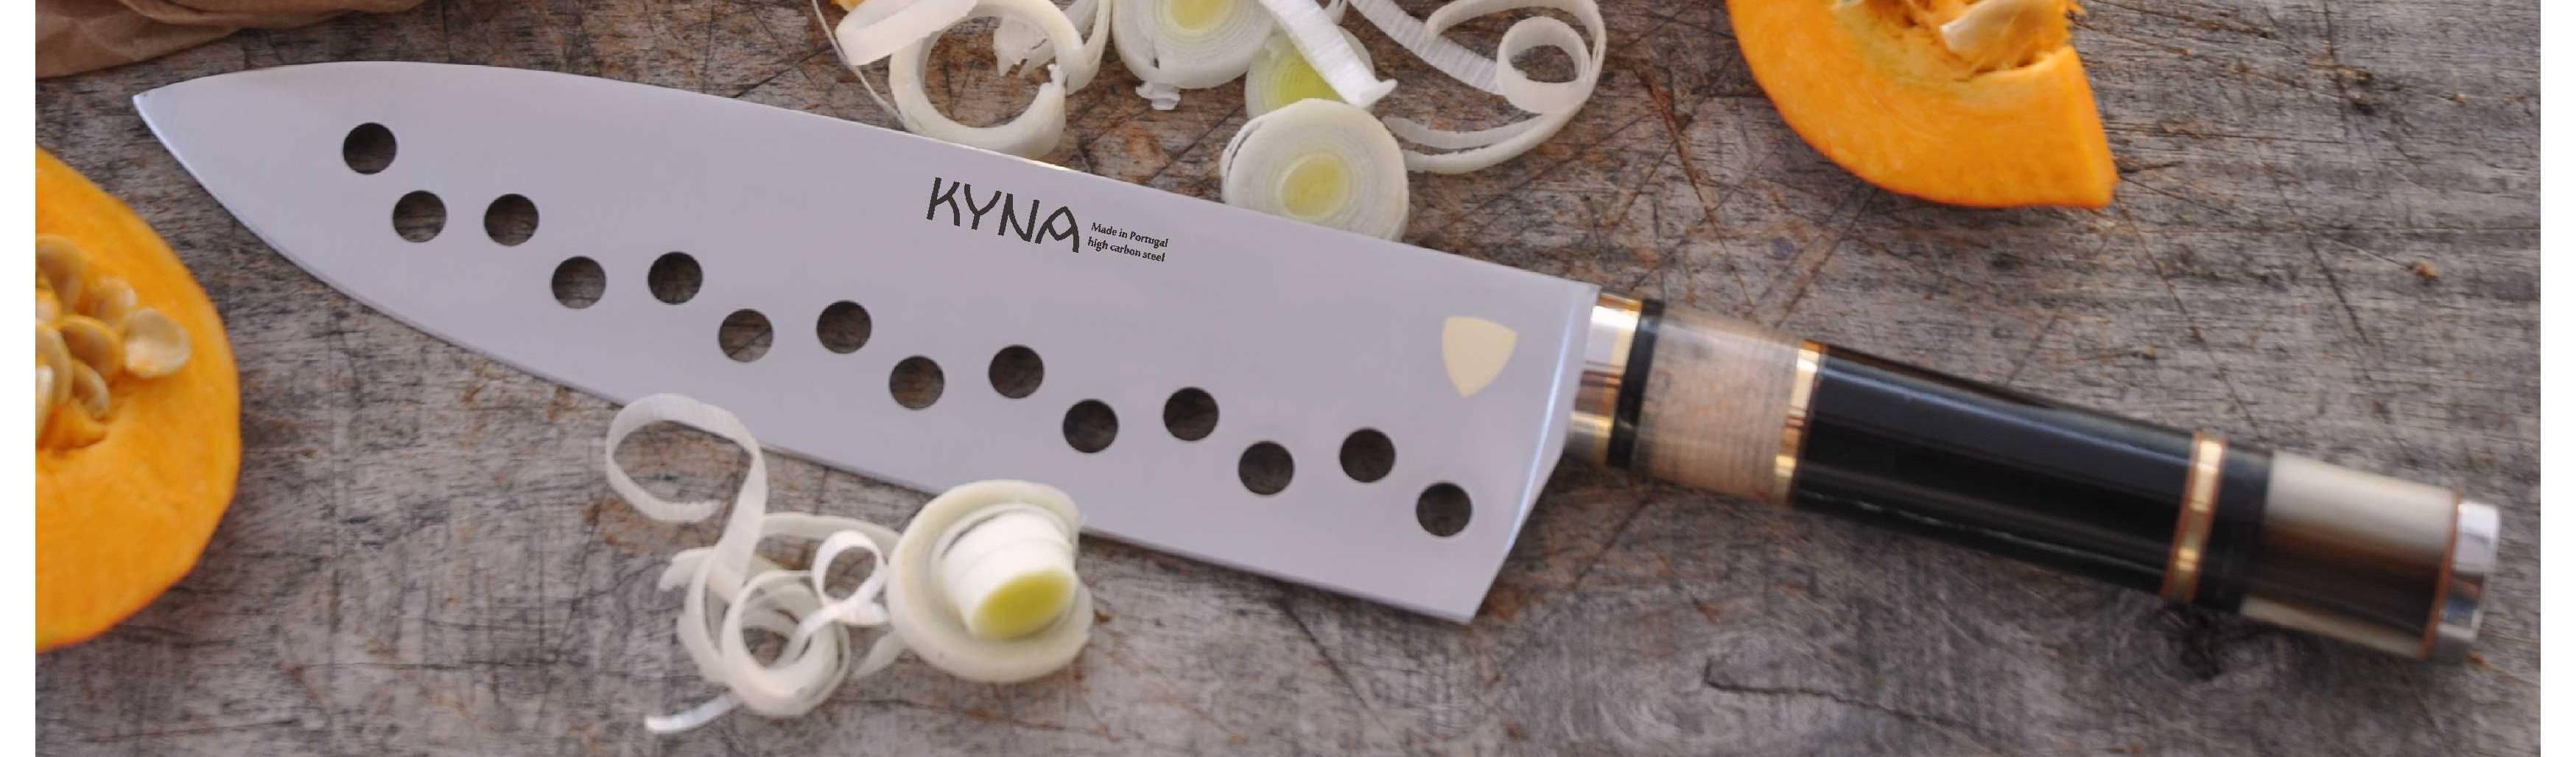 Industria de Cutelarias – KYNA Knives